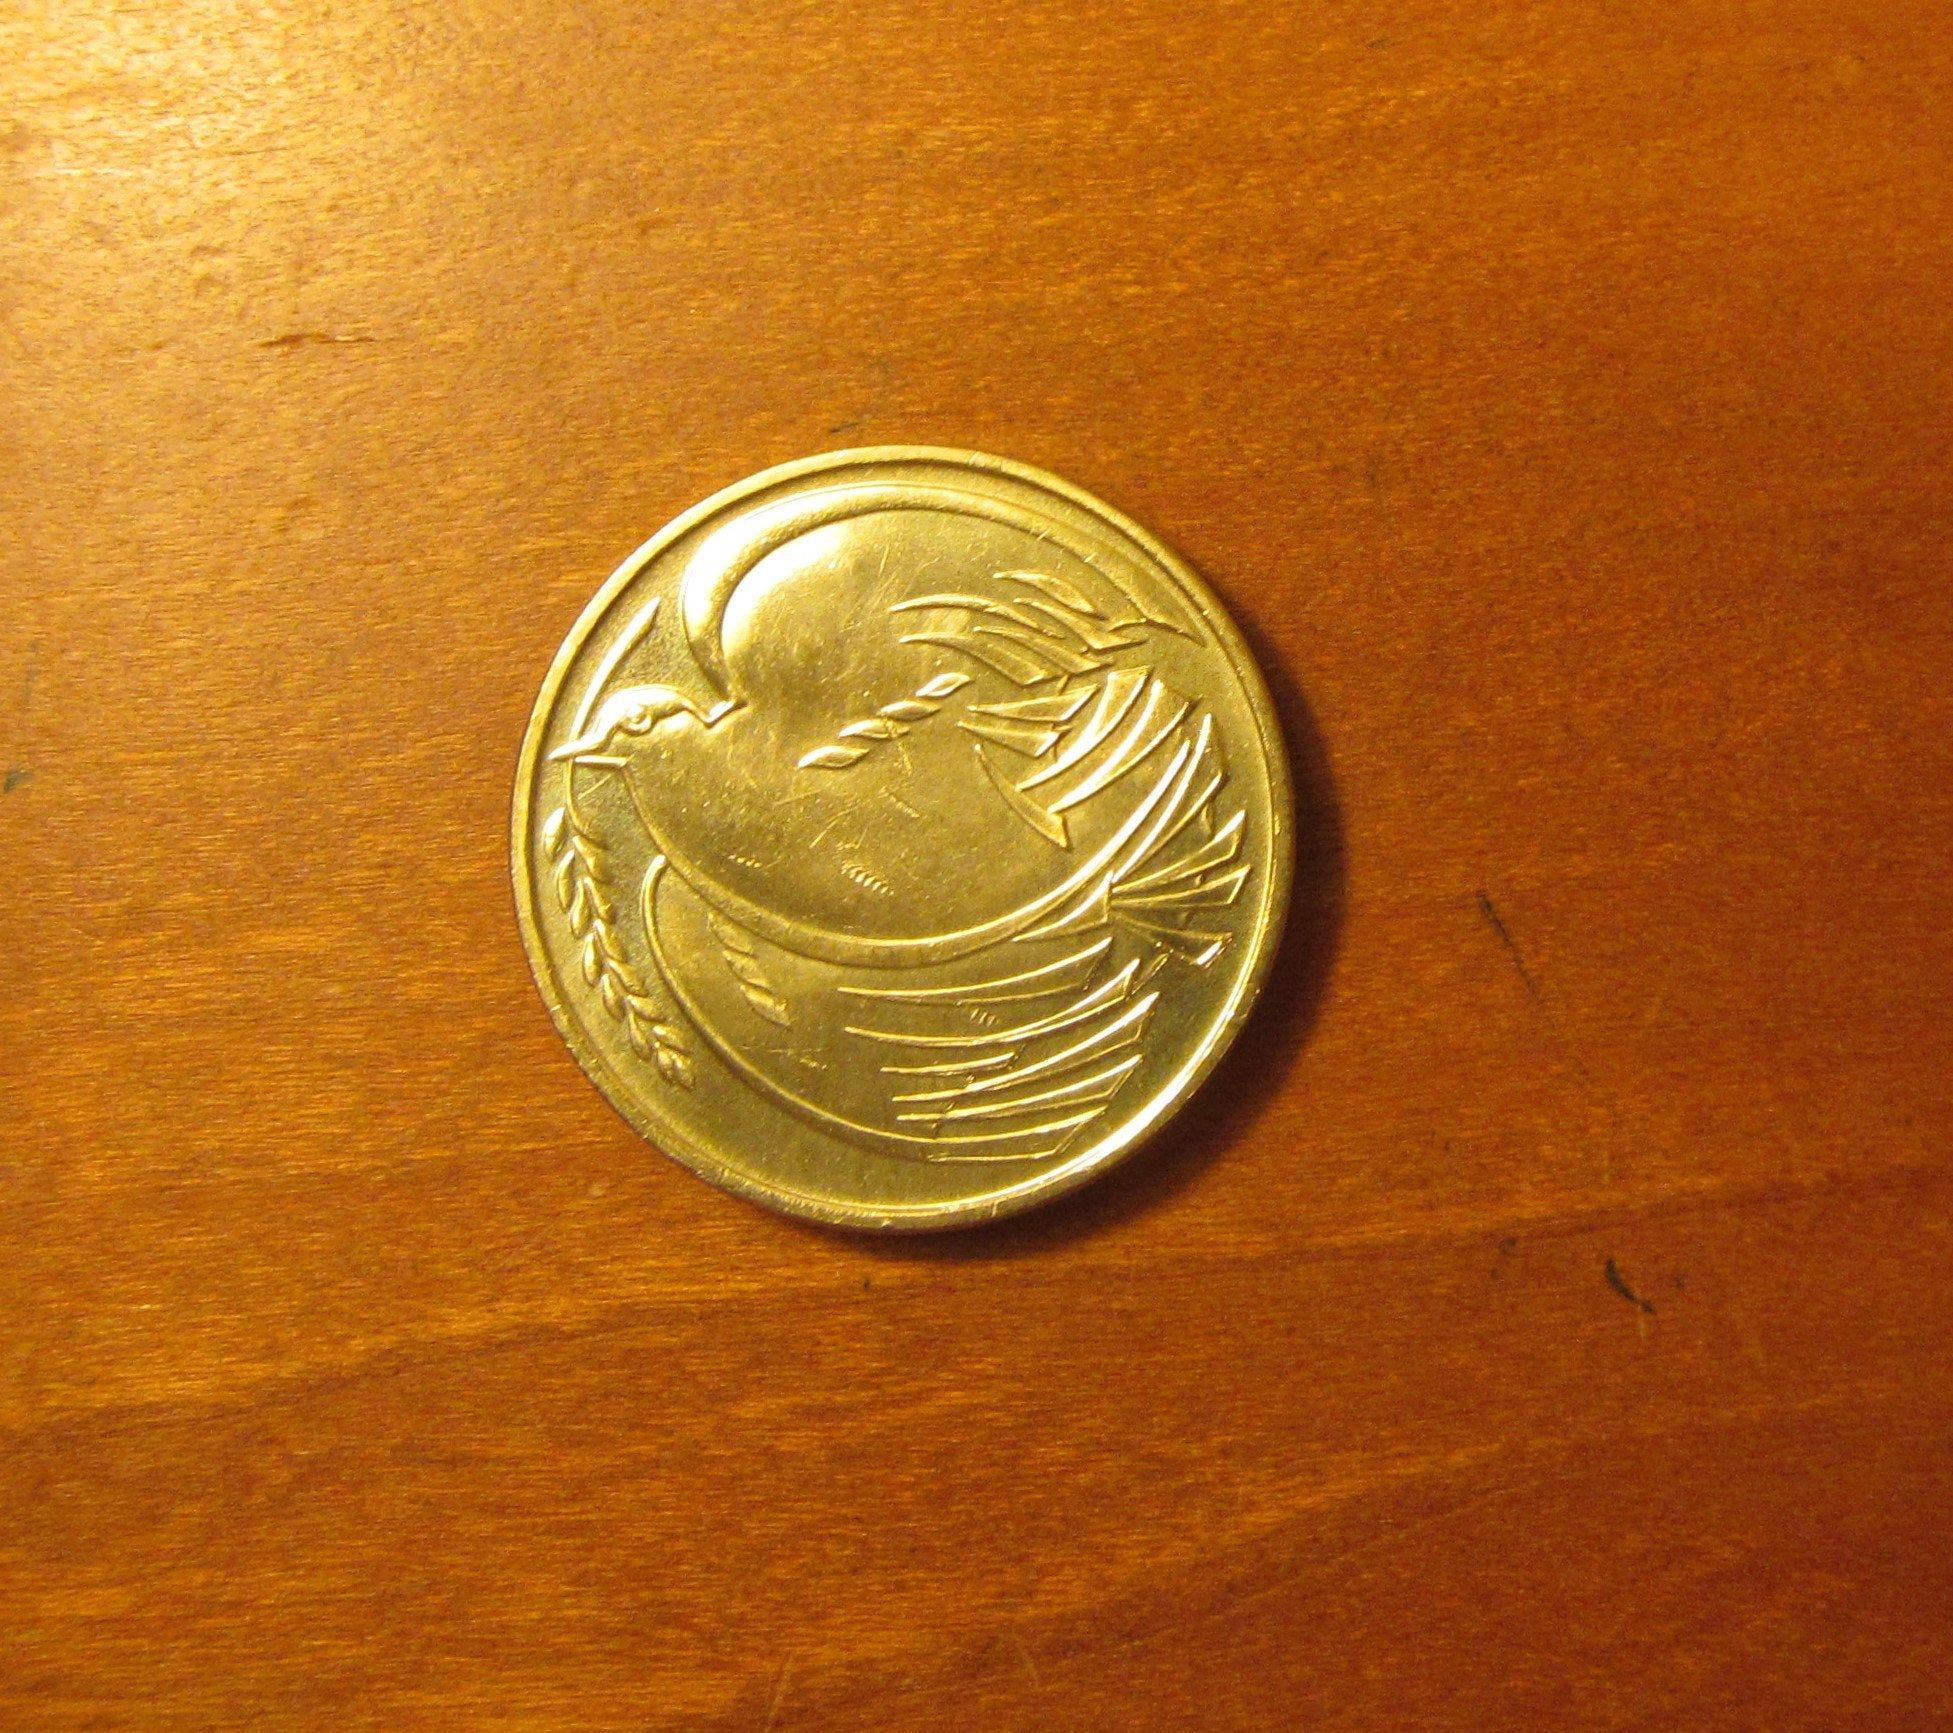 2 pound dove coin